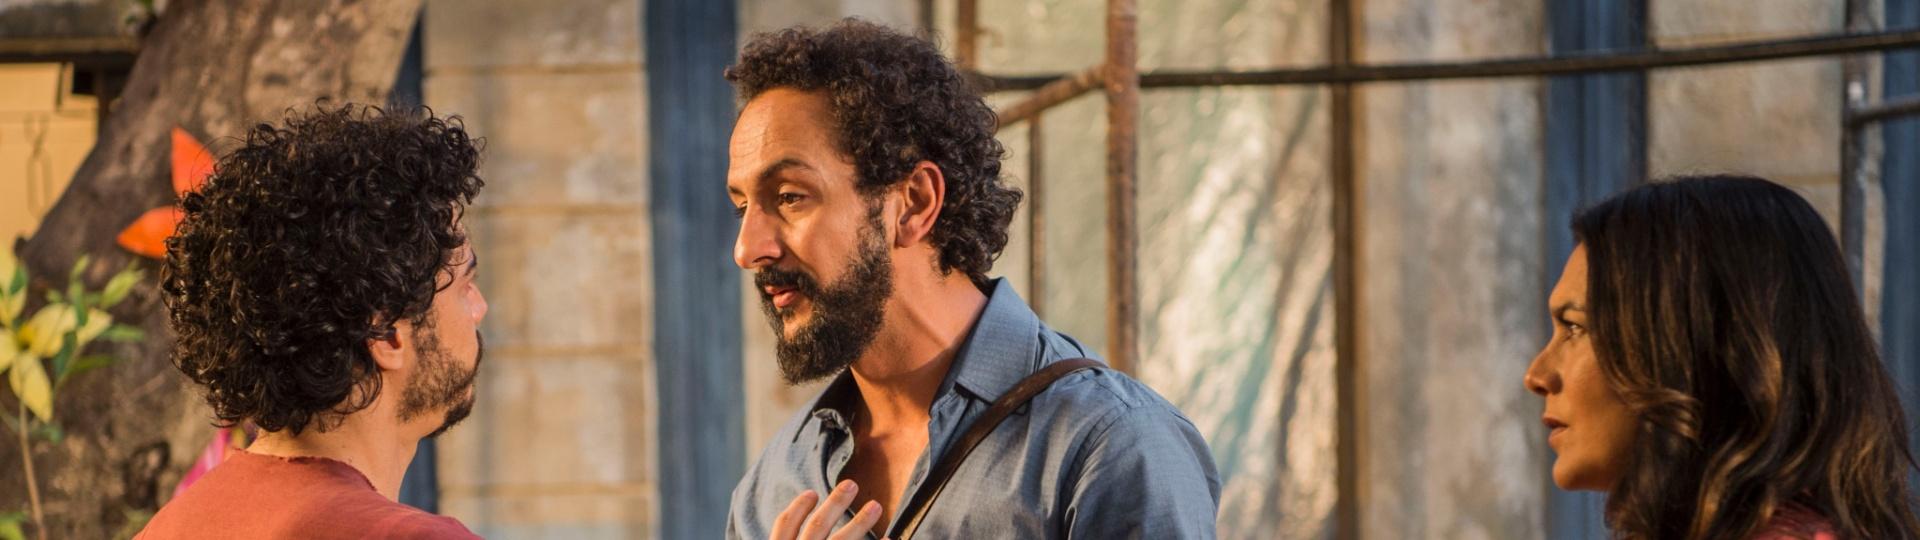 Beatriz (Dira Paes) observa discussão entre Martim (Lee Taylor) e Bento (Irandhir Santos) em